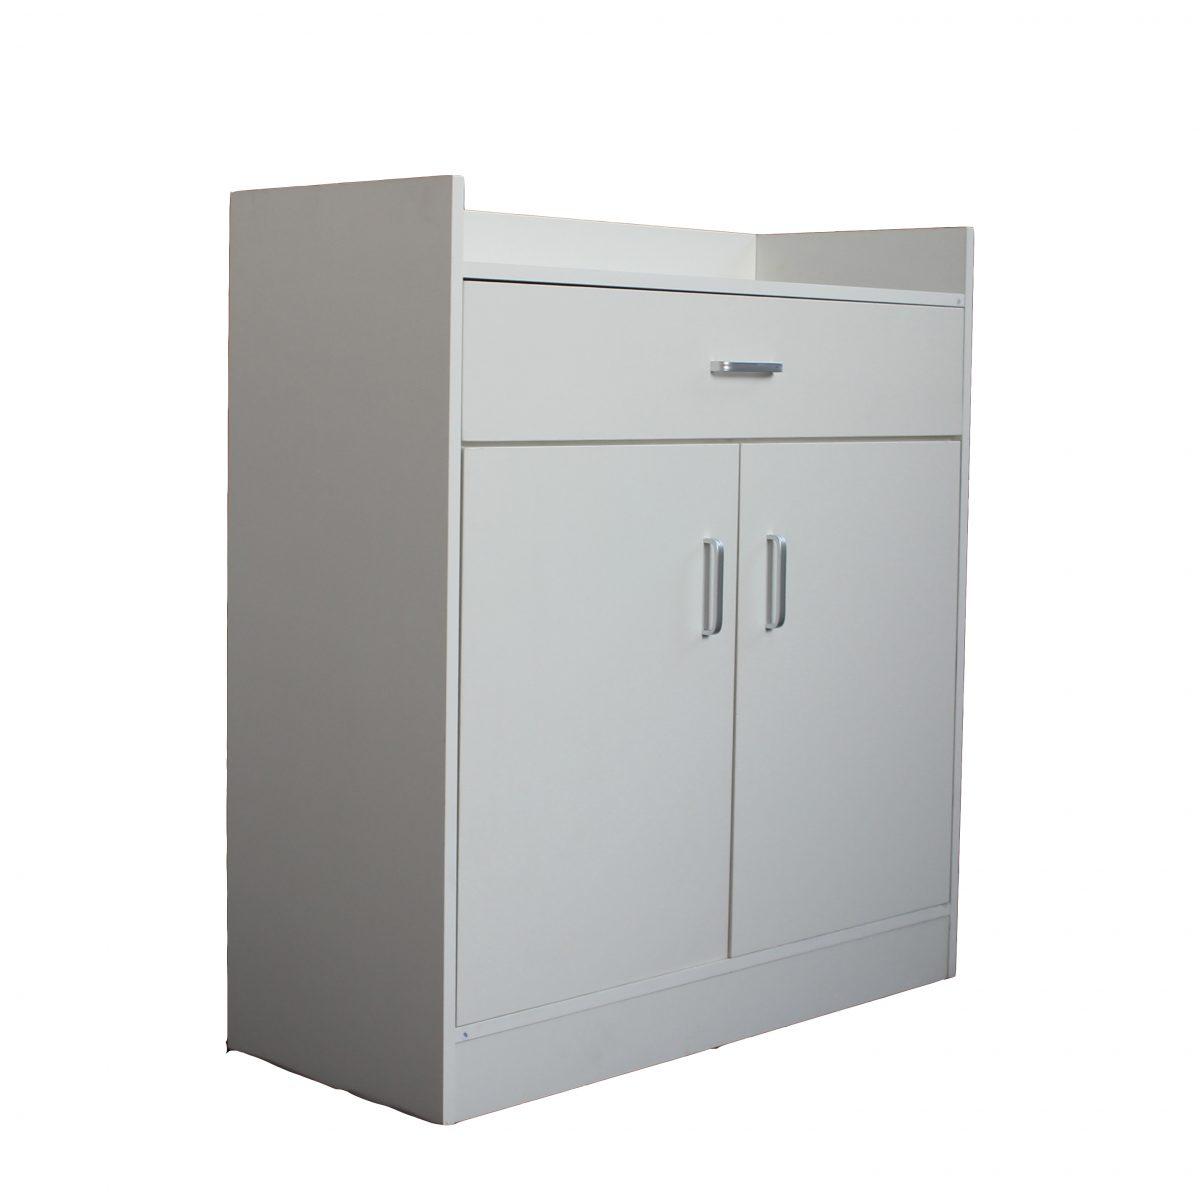 صورة جانبية لخزانة